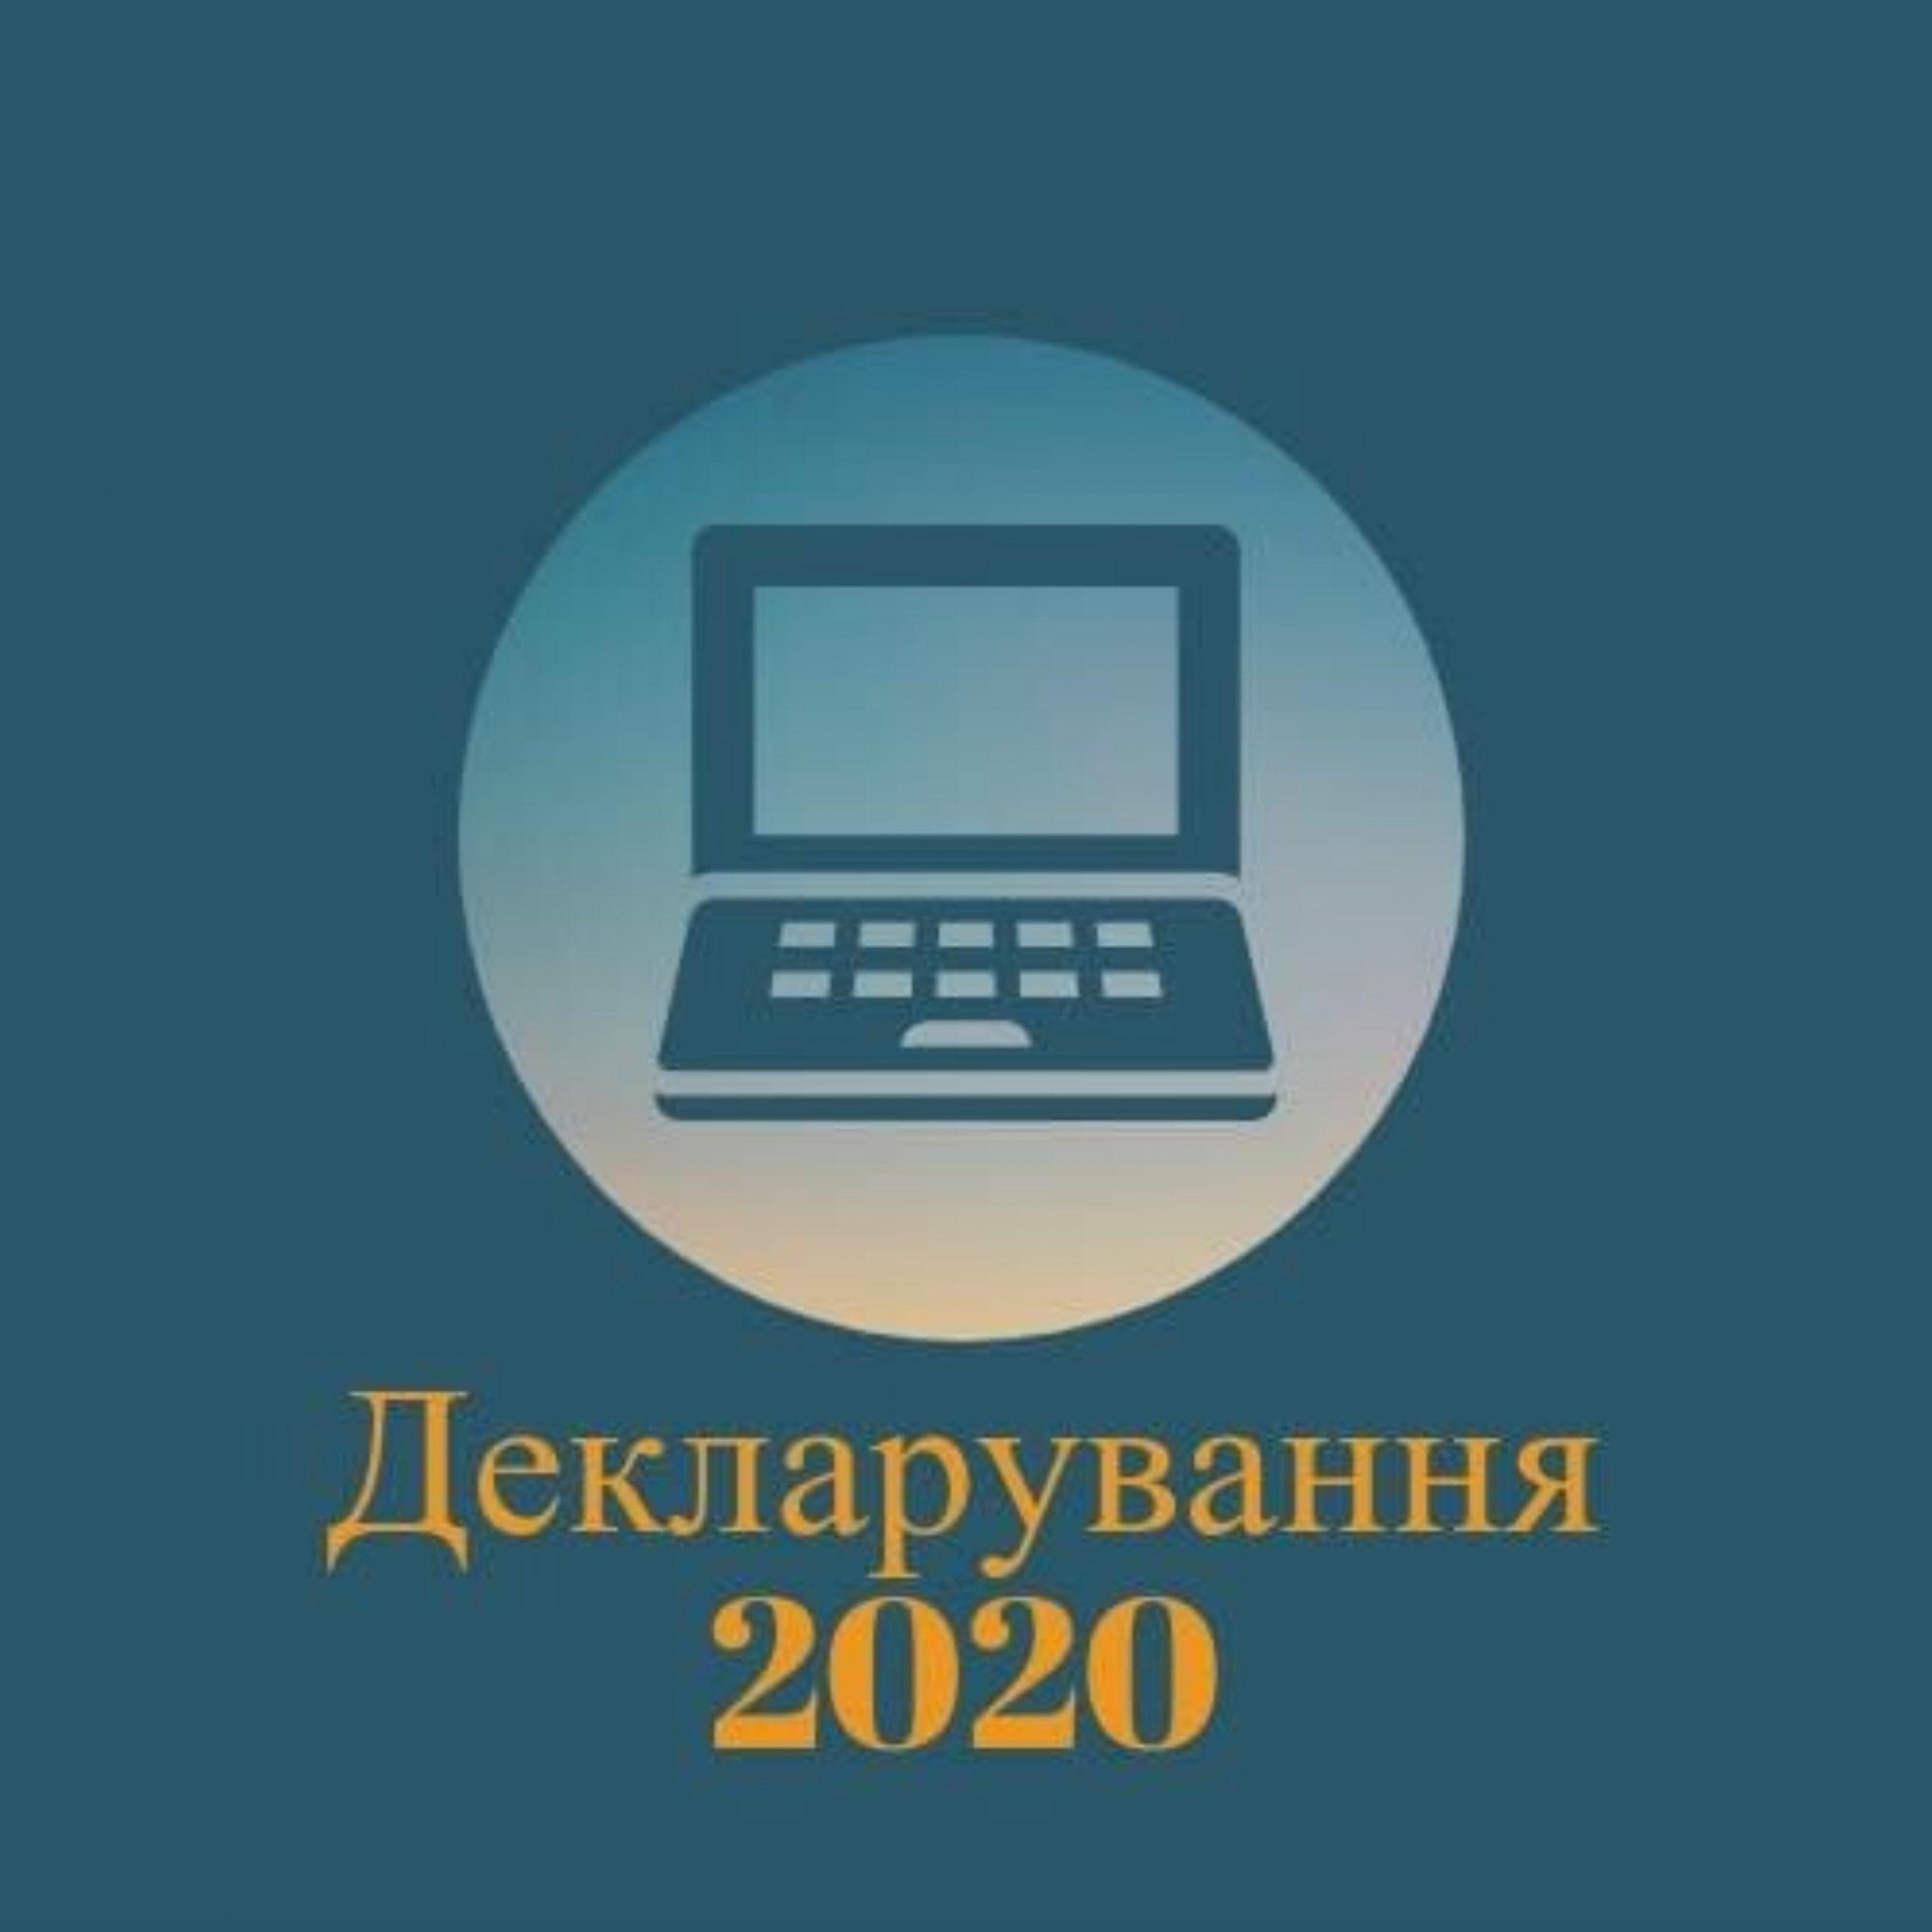 До уваги суб'єктів декларування, подання щорічних декларацій за 2019 рік завершується 31 травня!